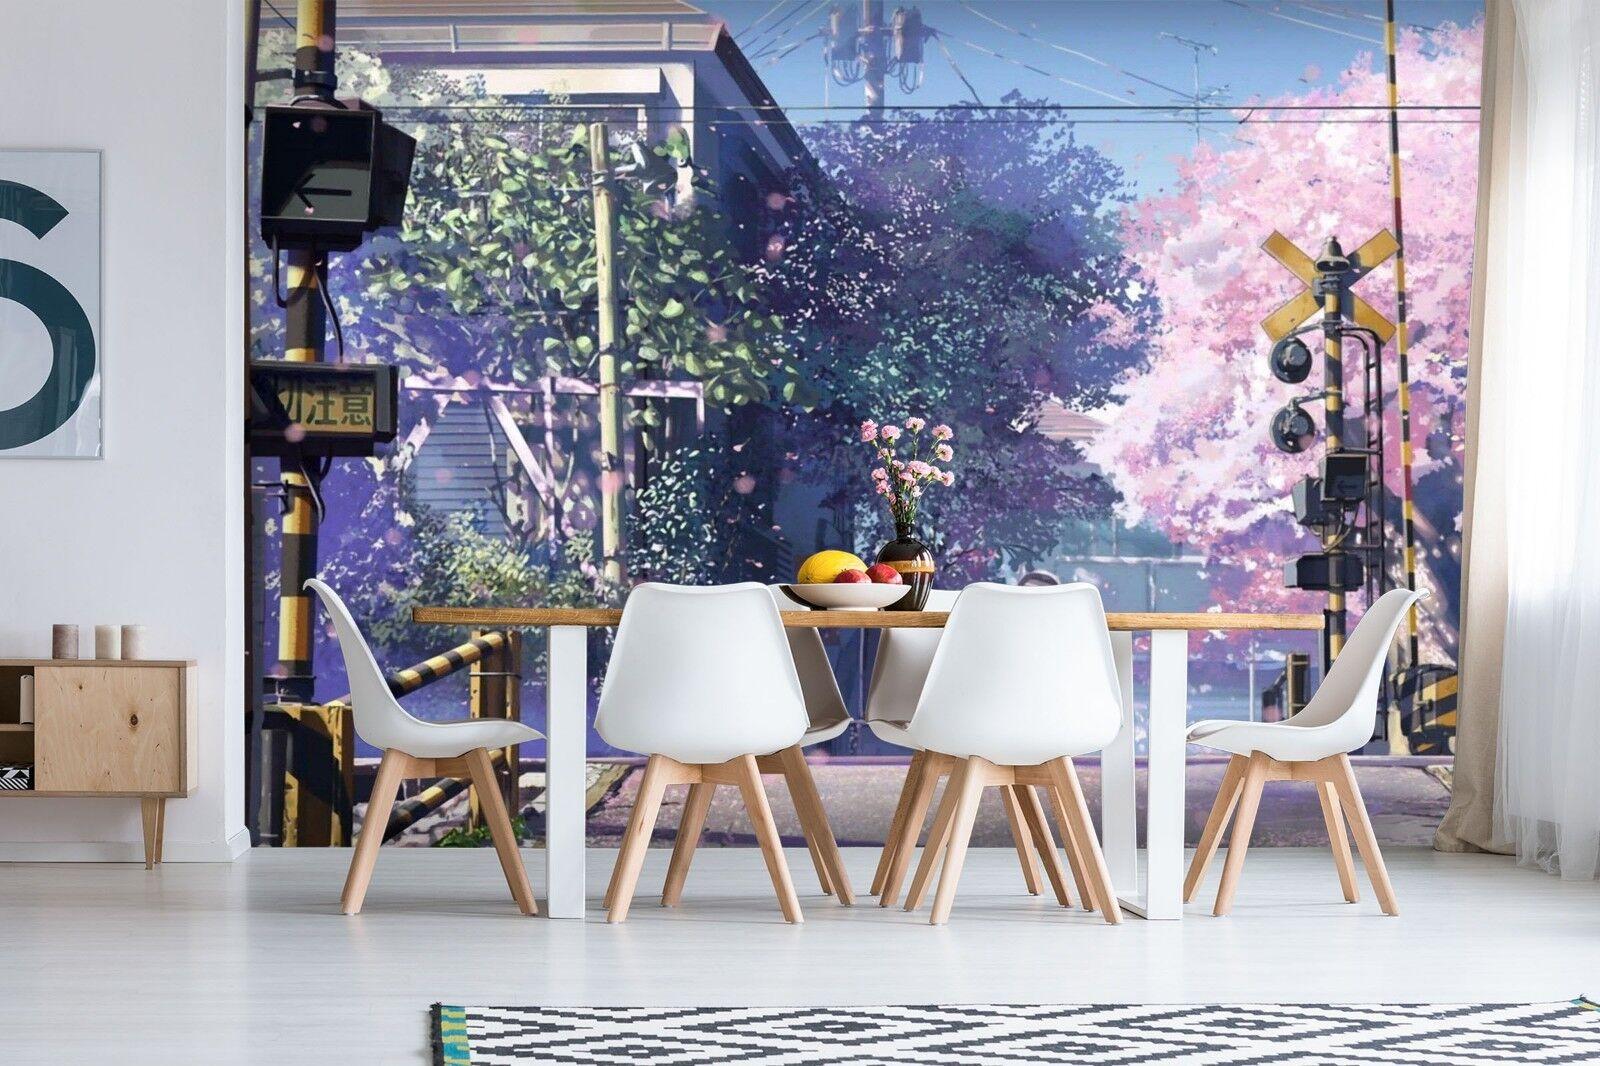 3D 3D 3D Rosa Gärten 963 Tapete Wandgemälde Tapete Tapeten Bild Familie DE Sidney  | Vogue  | Verschiedene Stile  | Spielzeug mit kindlichen Herzen herstellen  7ecc50